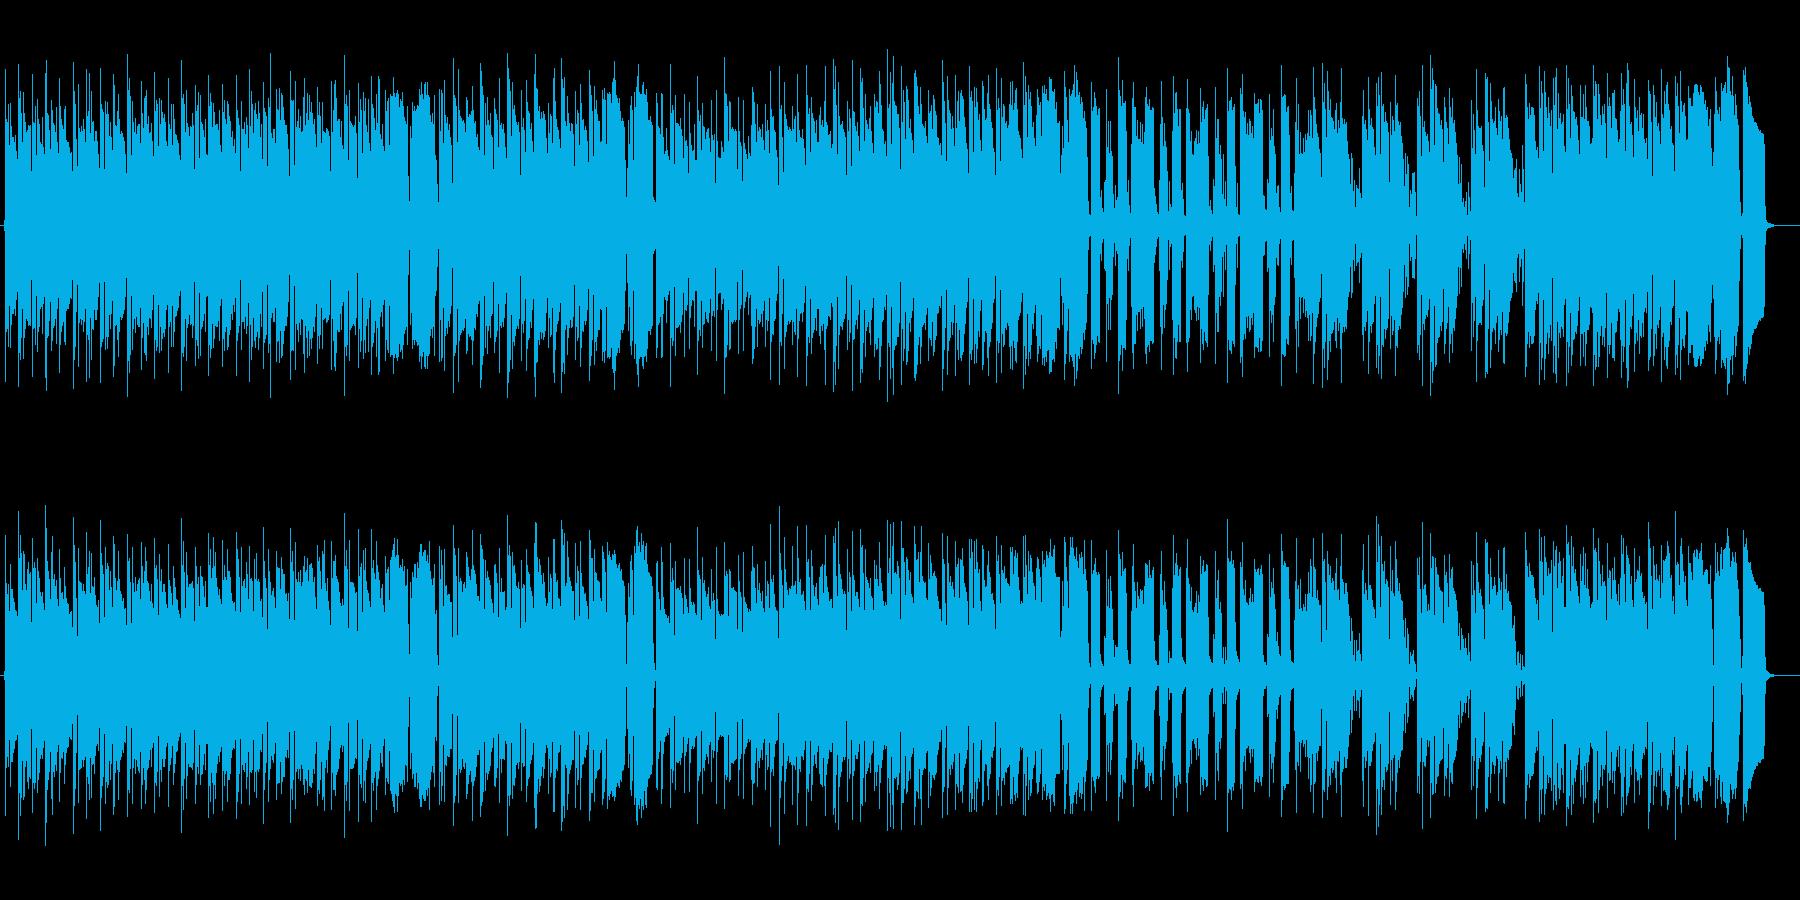 お洒落で現代的なポップスの再生済みの波形